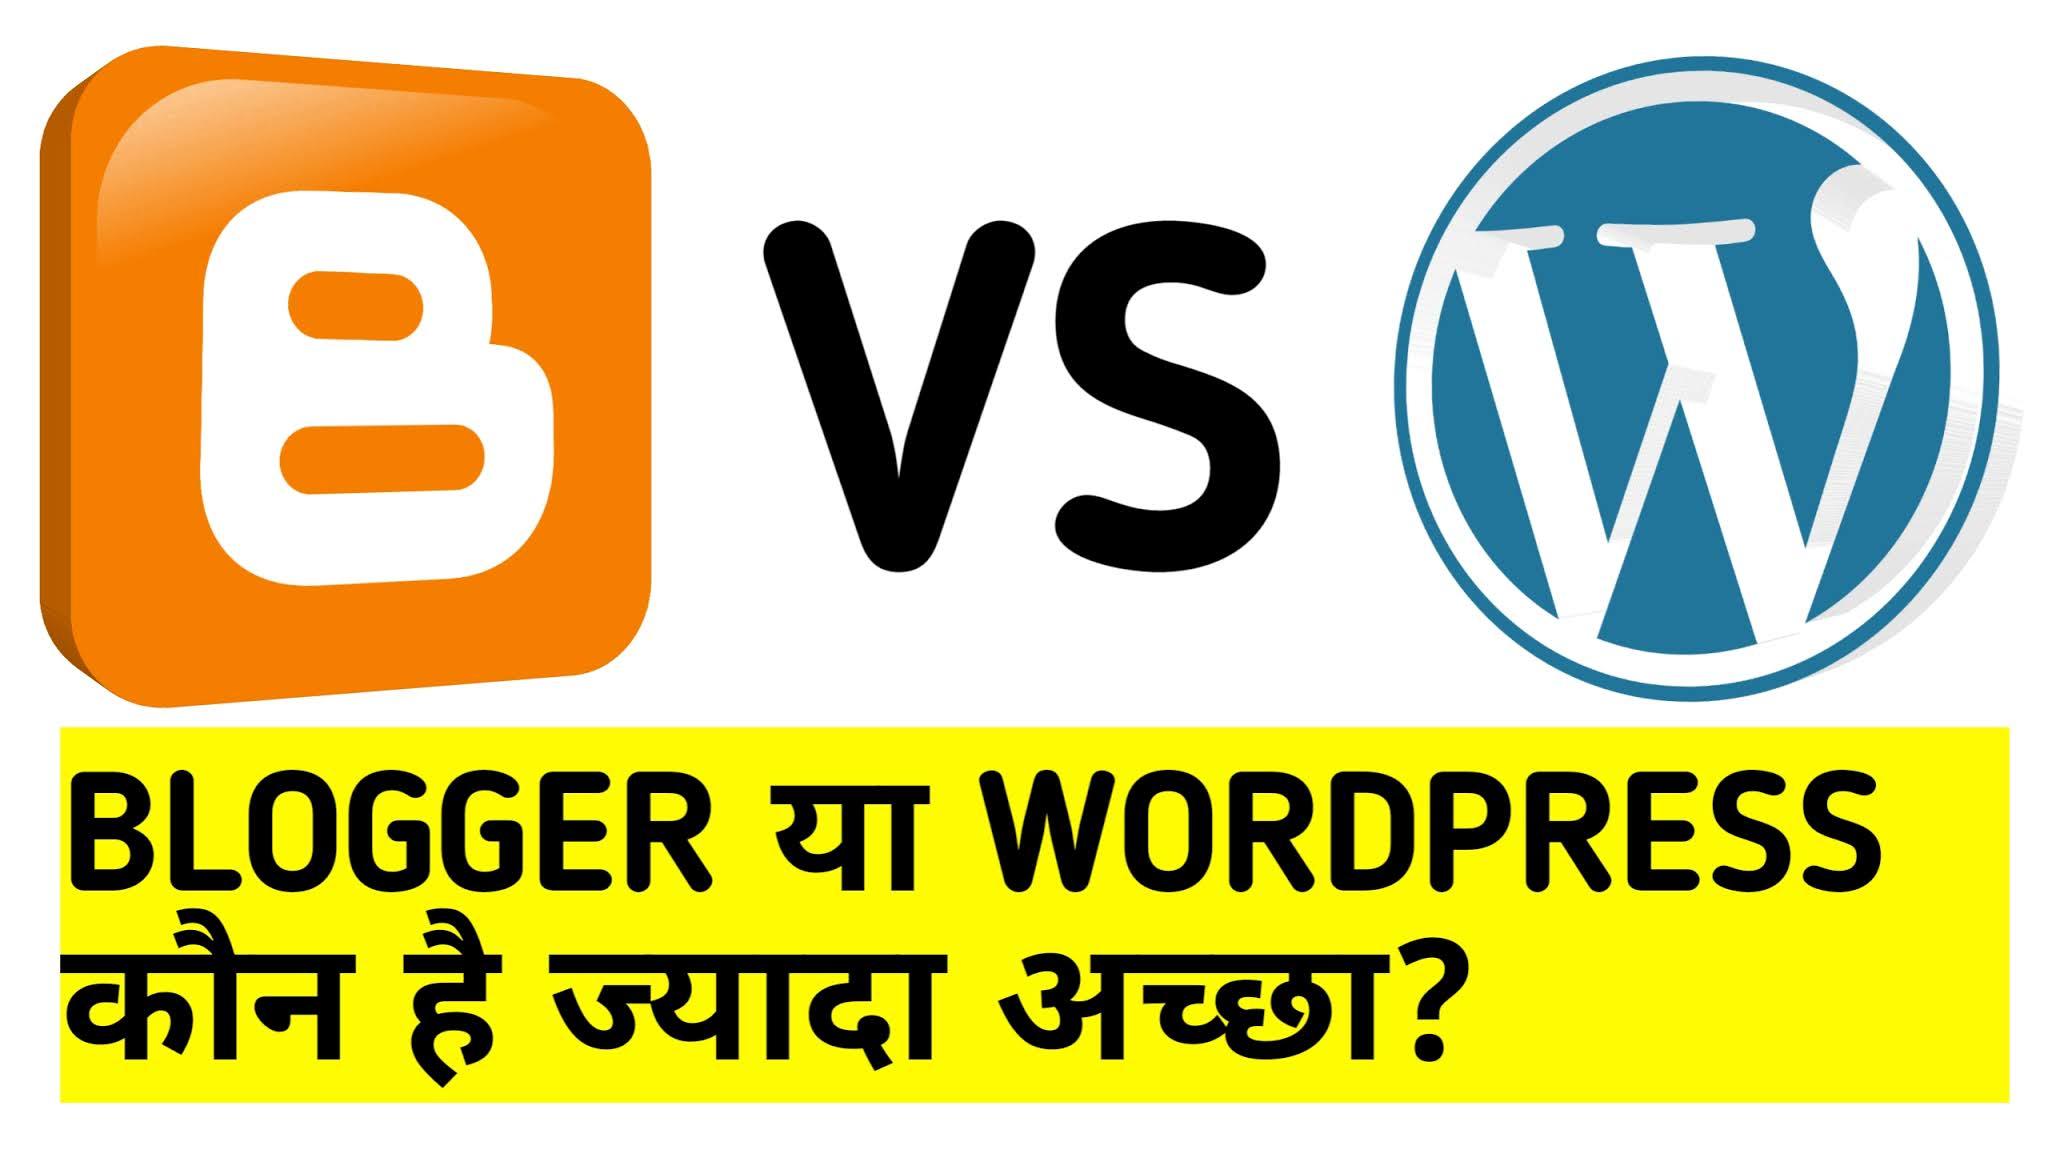 Blogger या Wordpress ब्लॉग्गिंग के लिए कौन अच्छा है?पूरी जानकारी